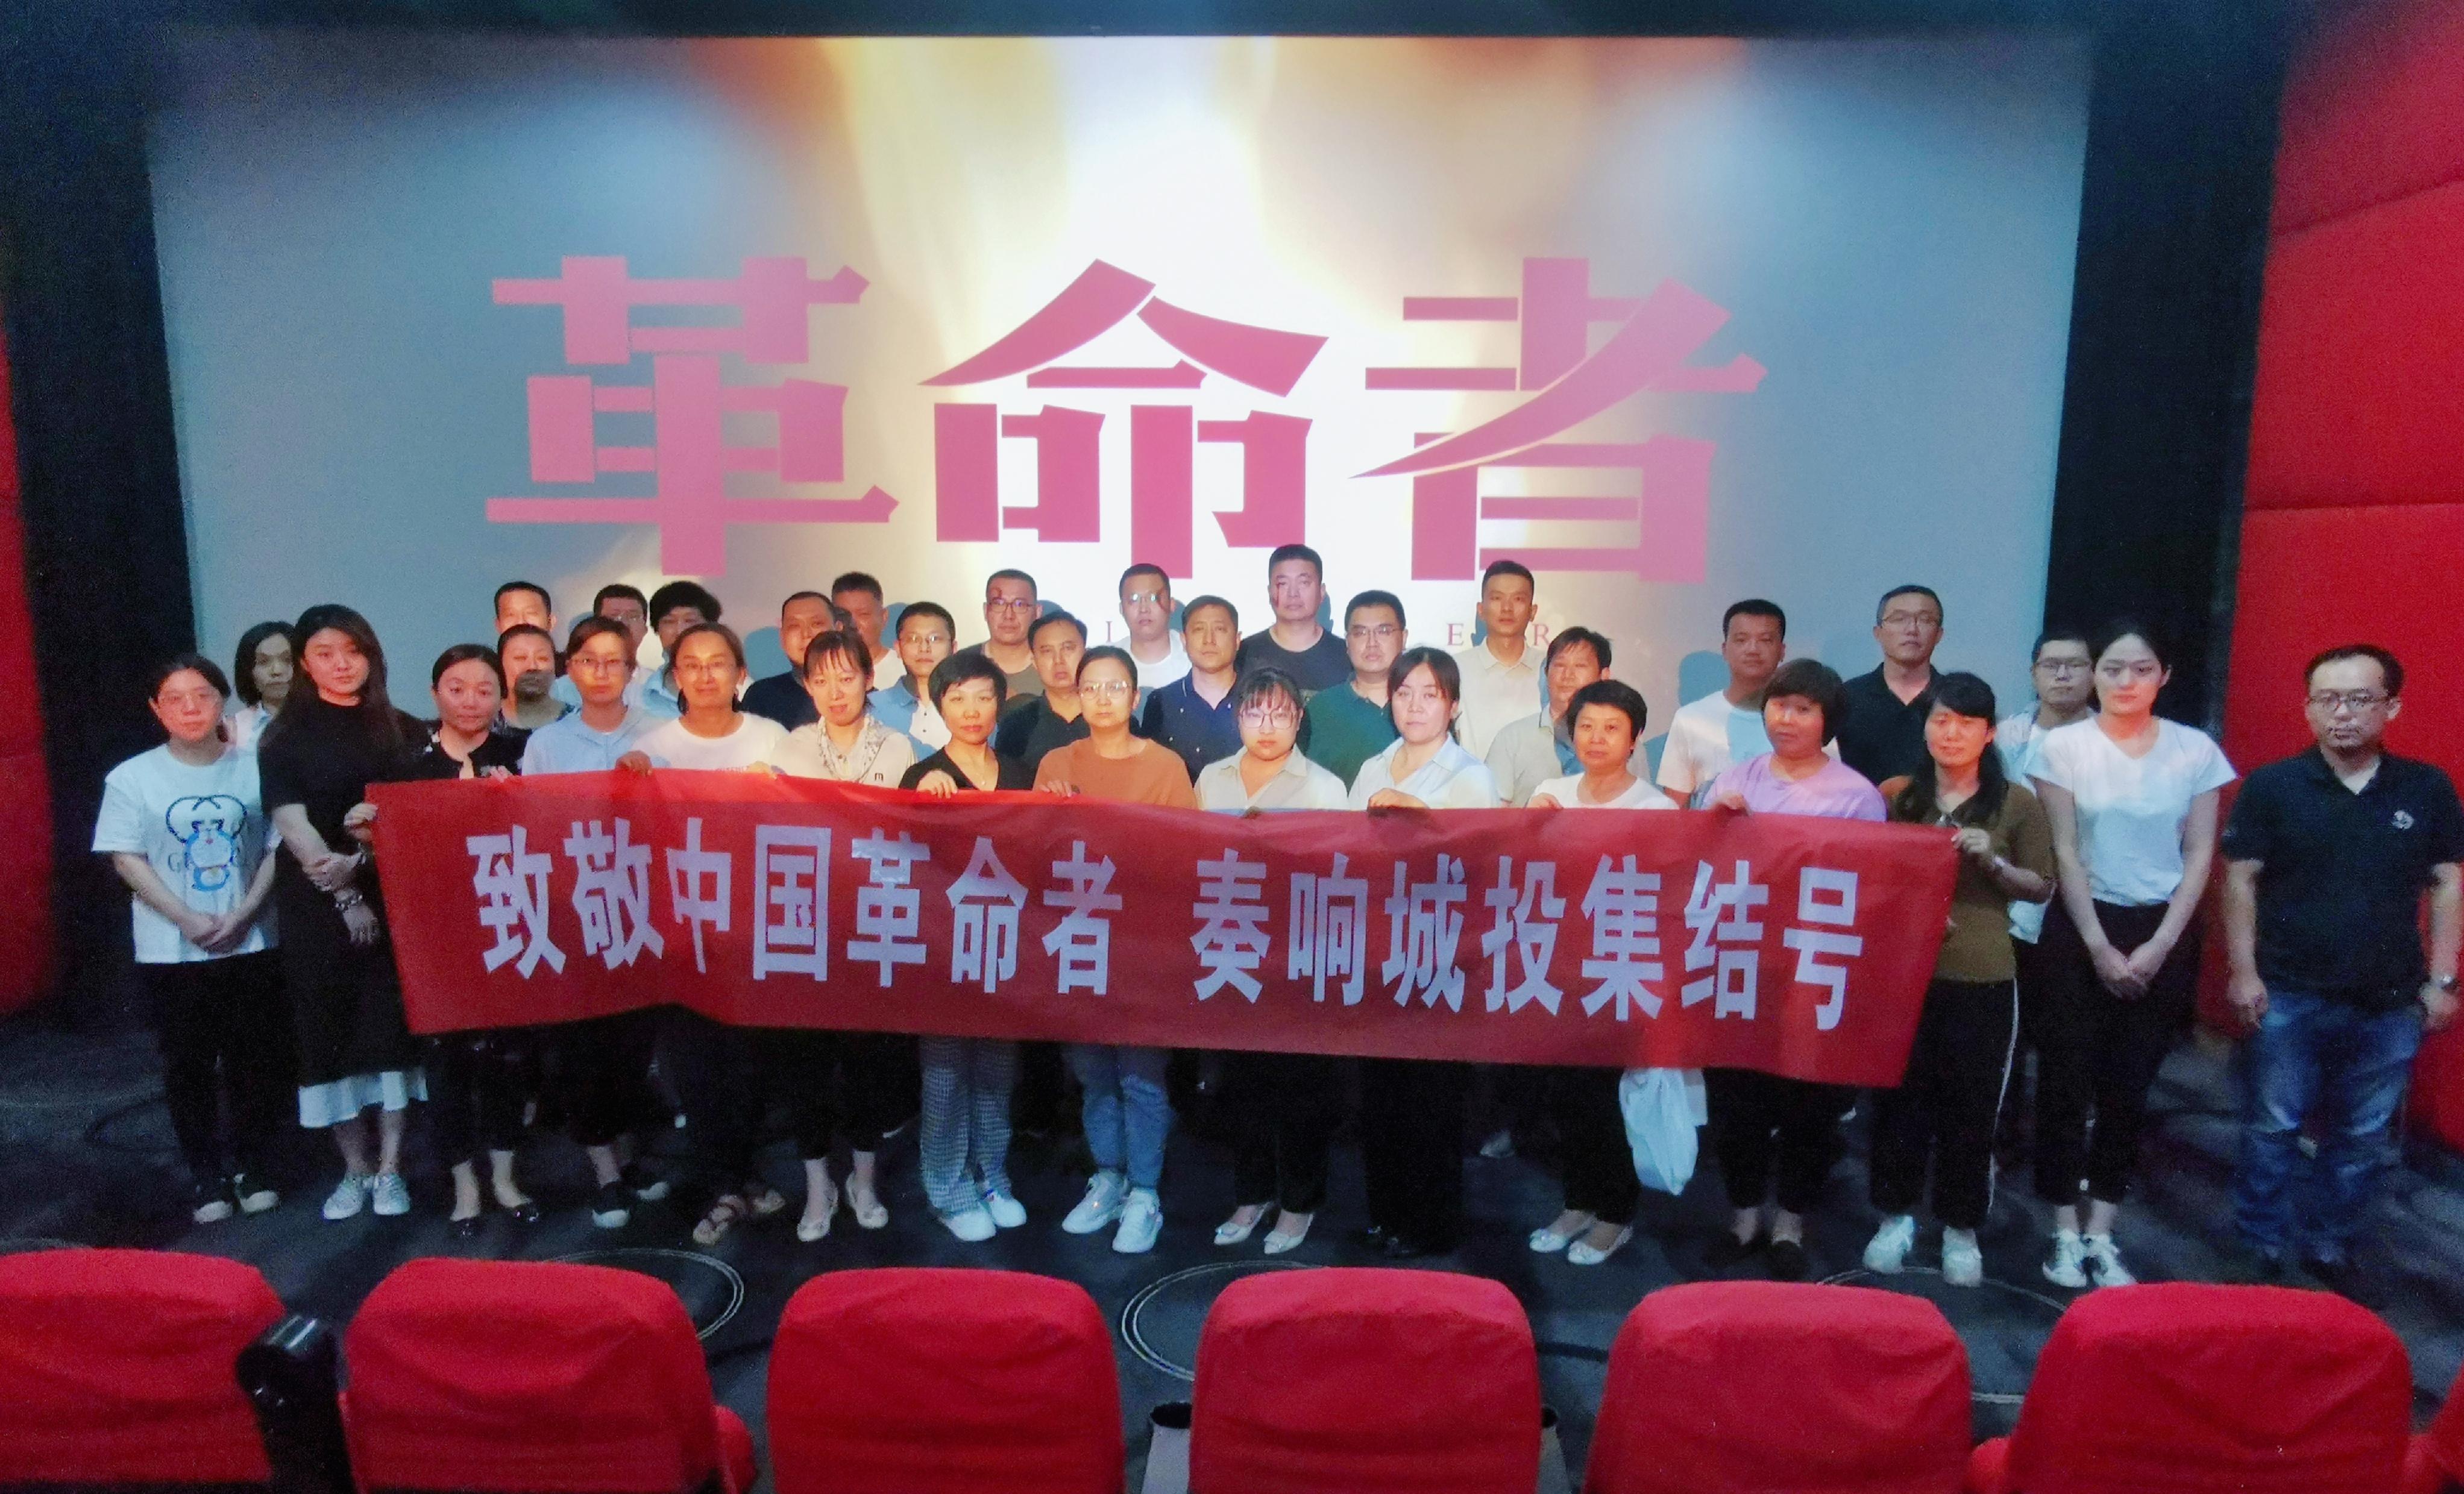 城投地产公司:组织观看红色电影《革命者》,致敬中国革命者